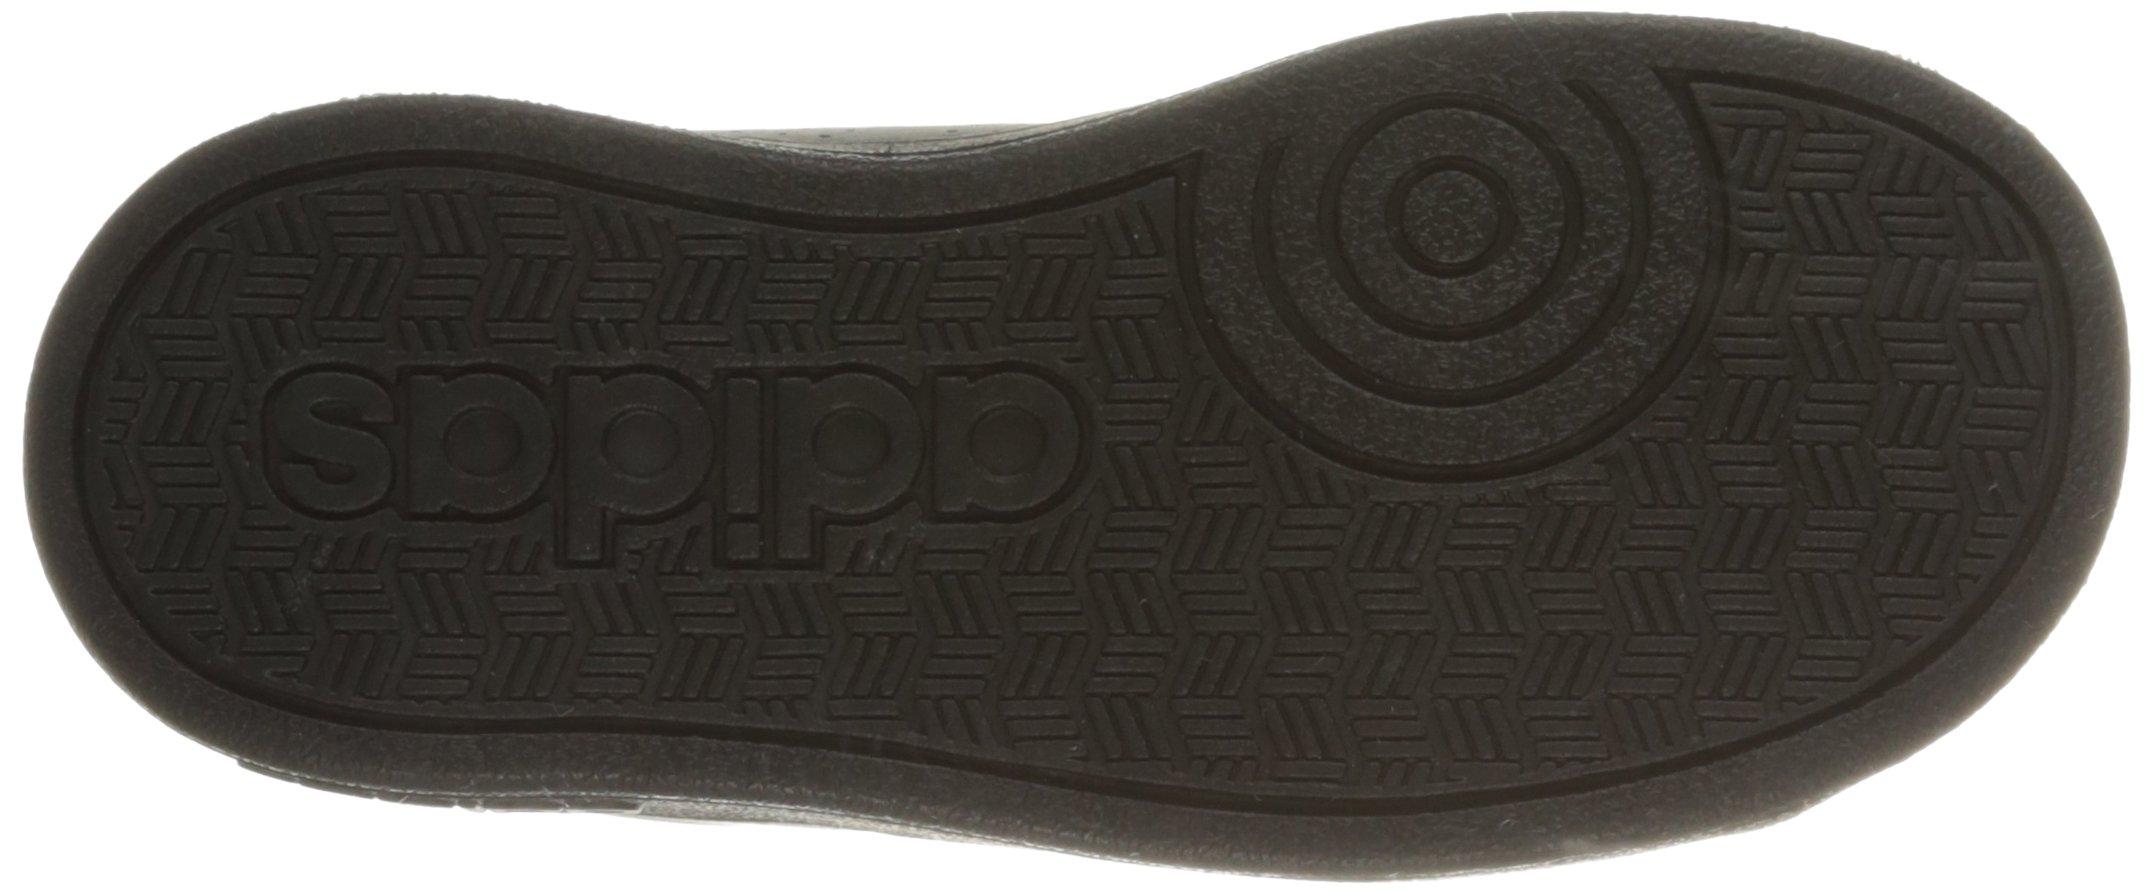 Adidas neo boys scarpa, vs vantaggio pulito dell'inf scarpa, boys nero / nero 21cfd4